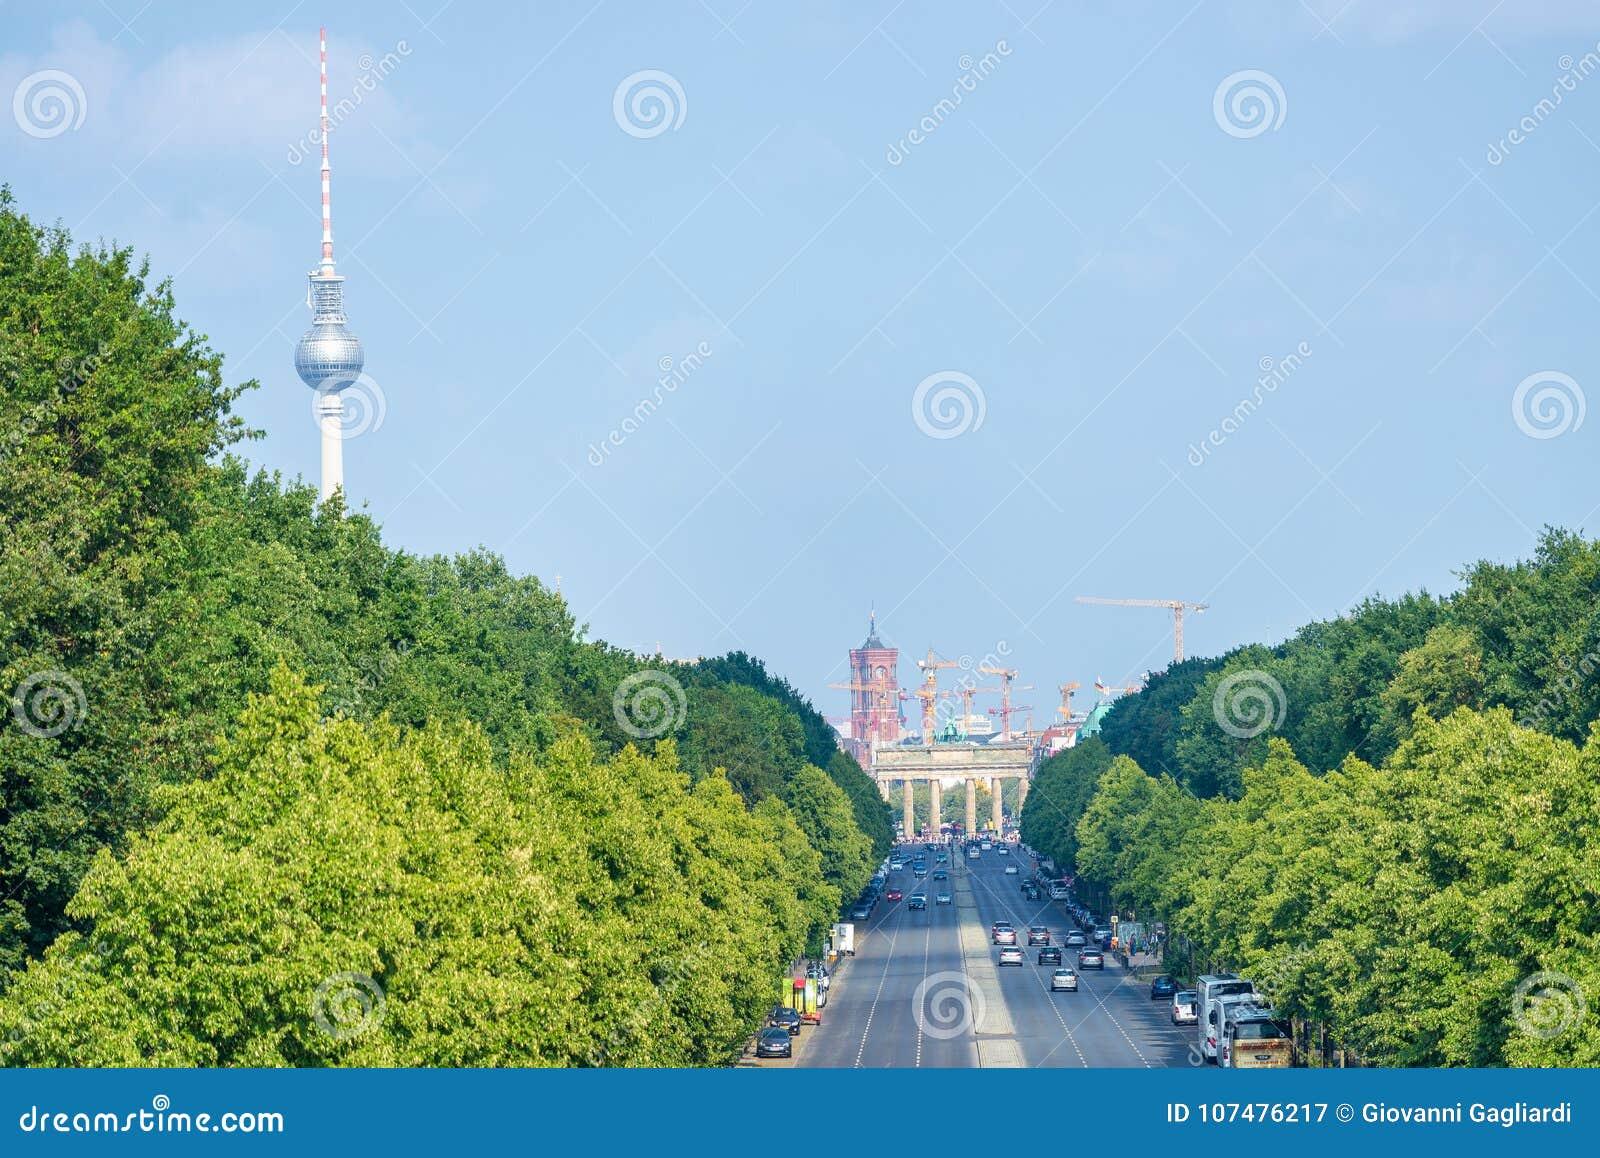 BERLÍN, ALEMANIA - 24 DE JULIO DE 2016: Horizonte de la ciudad a lo largo de la avenida larga,